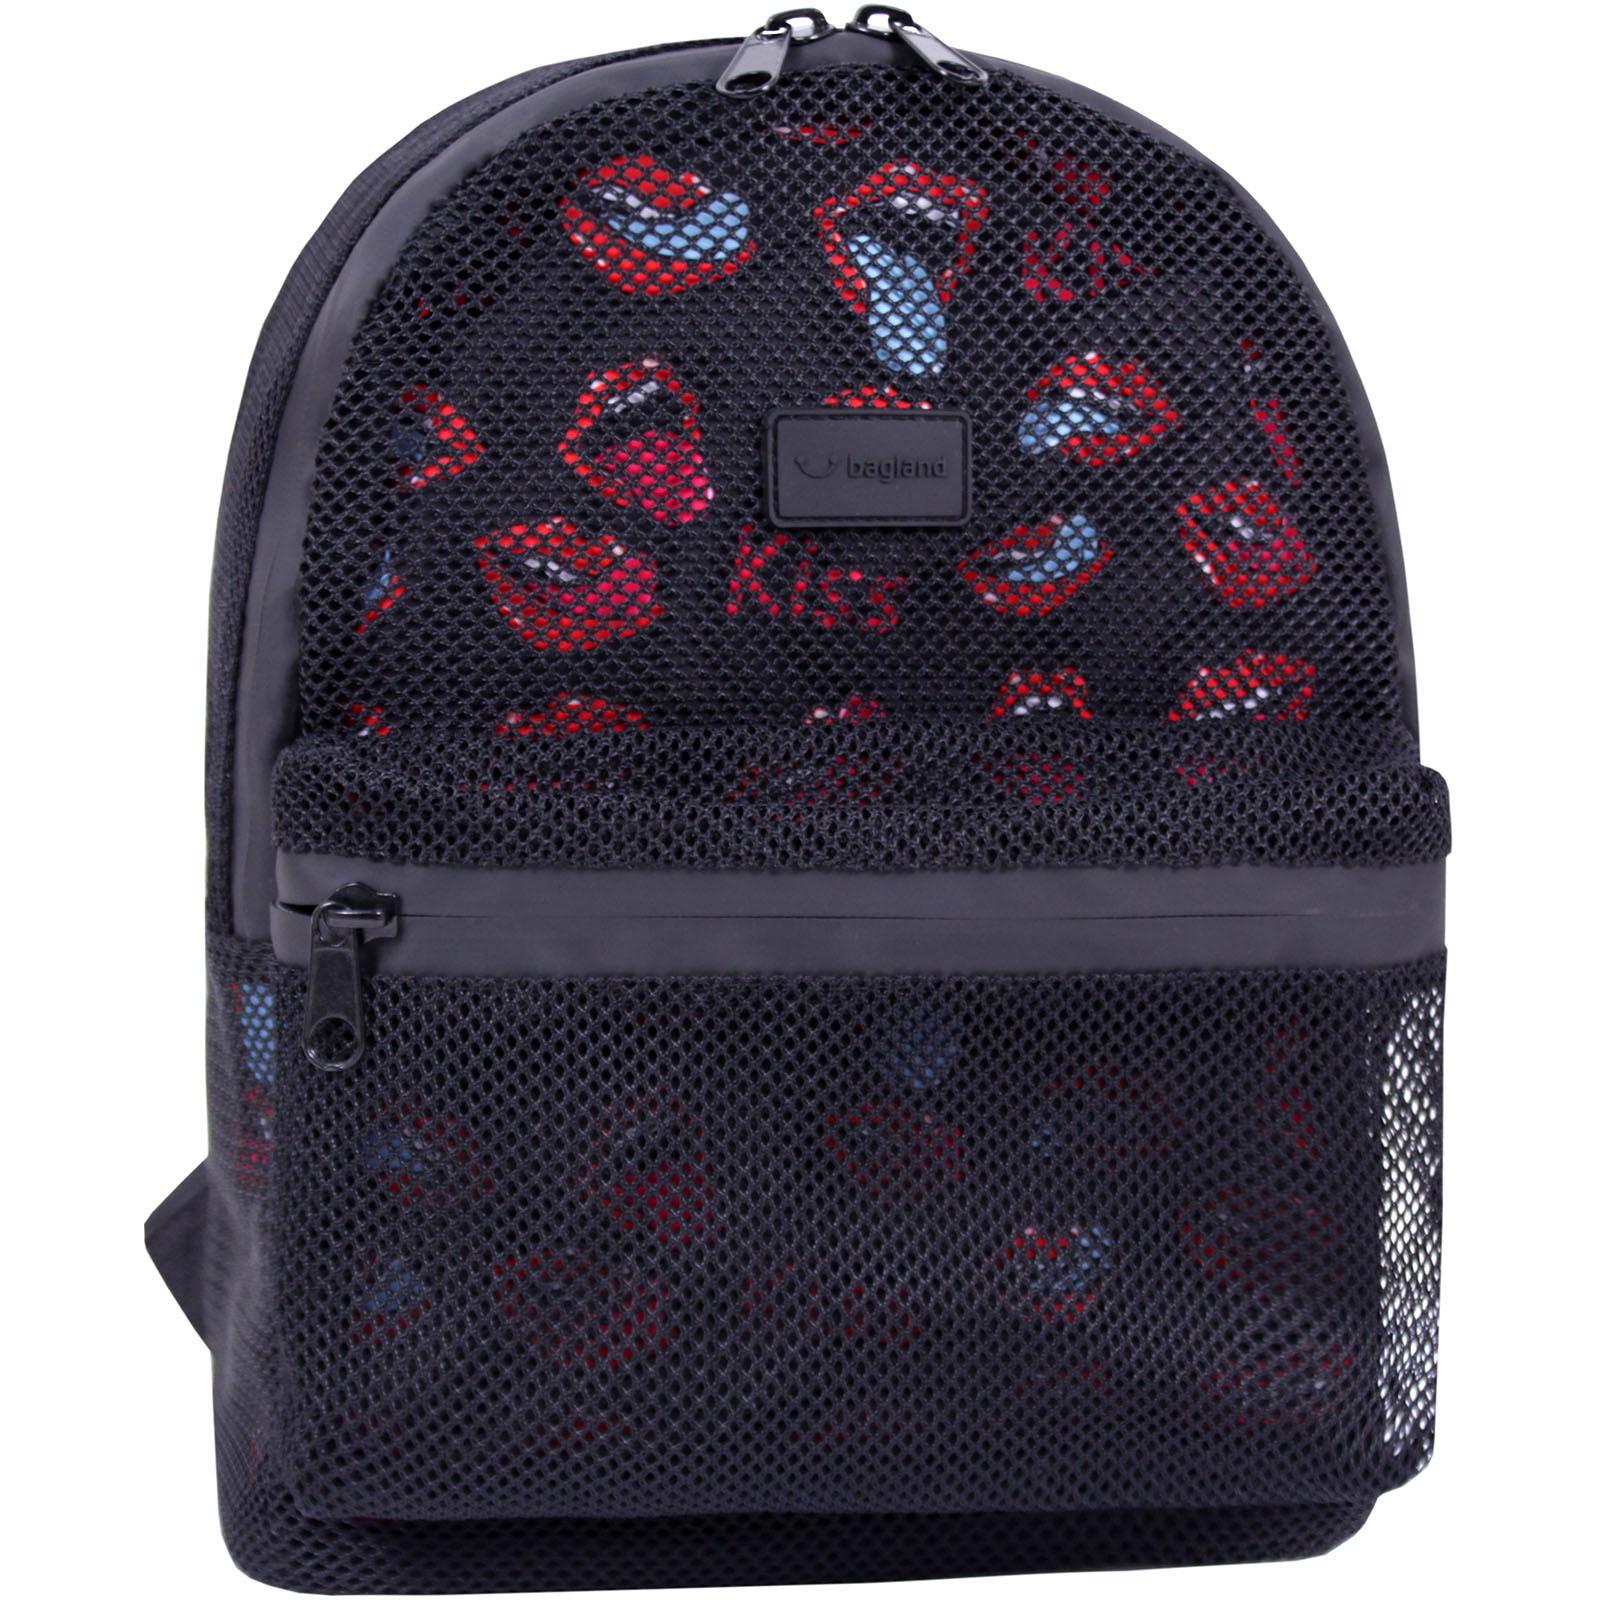 Модные рюкзаки Рюкзак Bagland Grid 8 л. черный  (0019204) IMG_9042.JPG